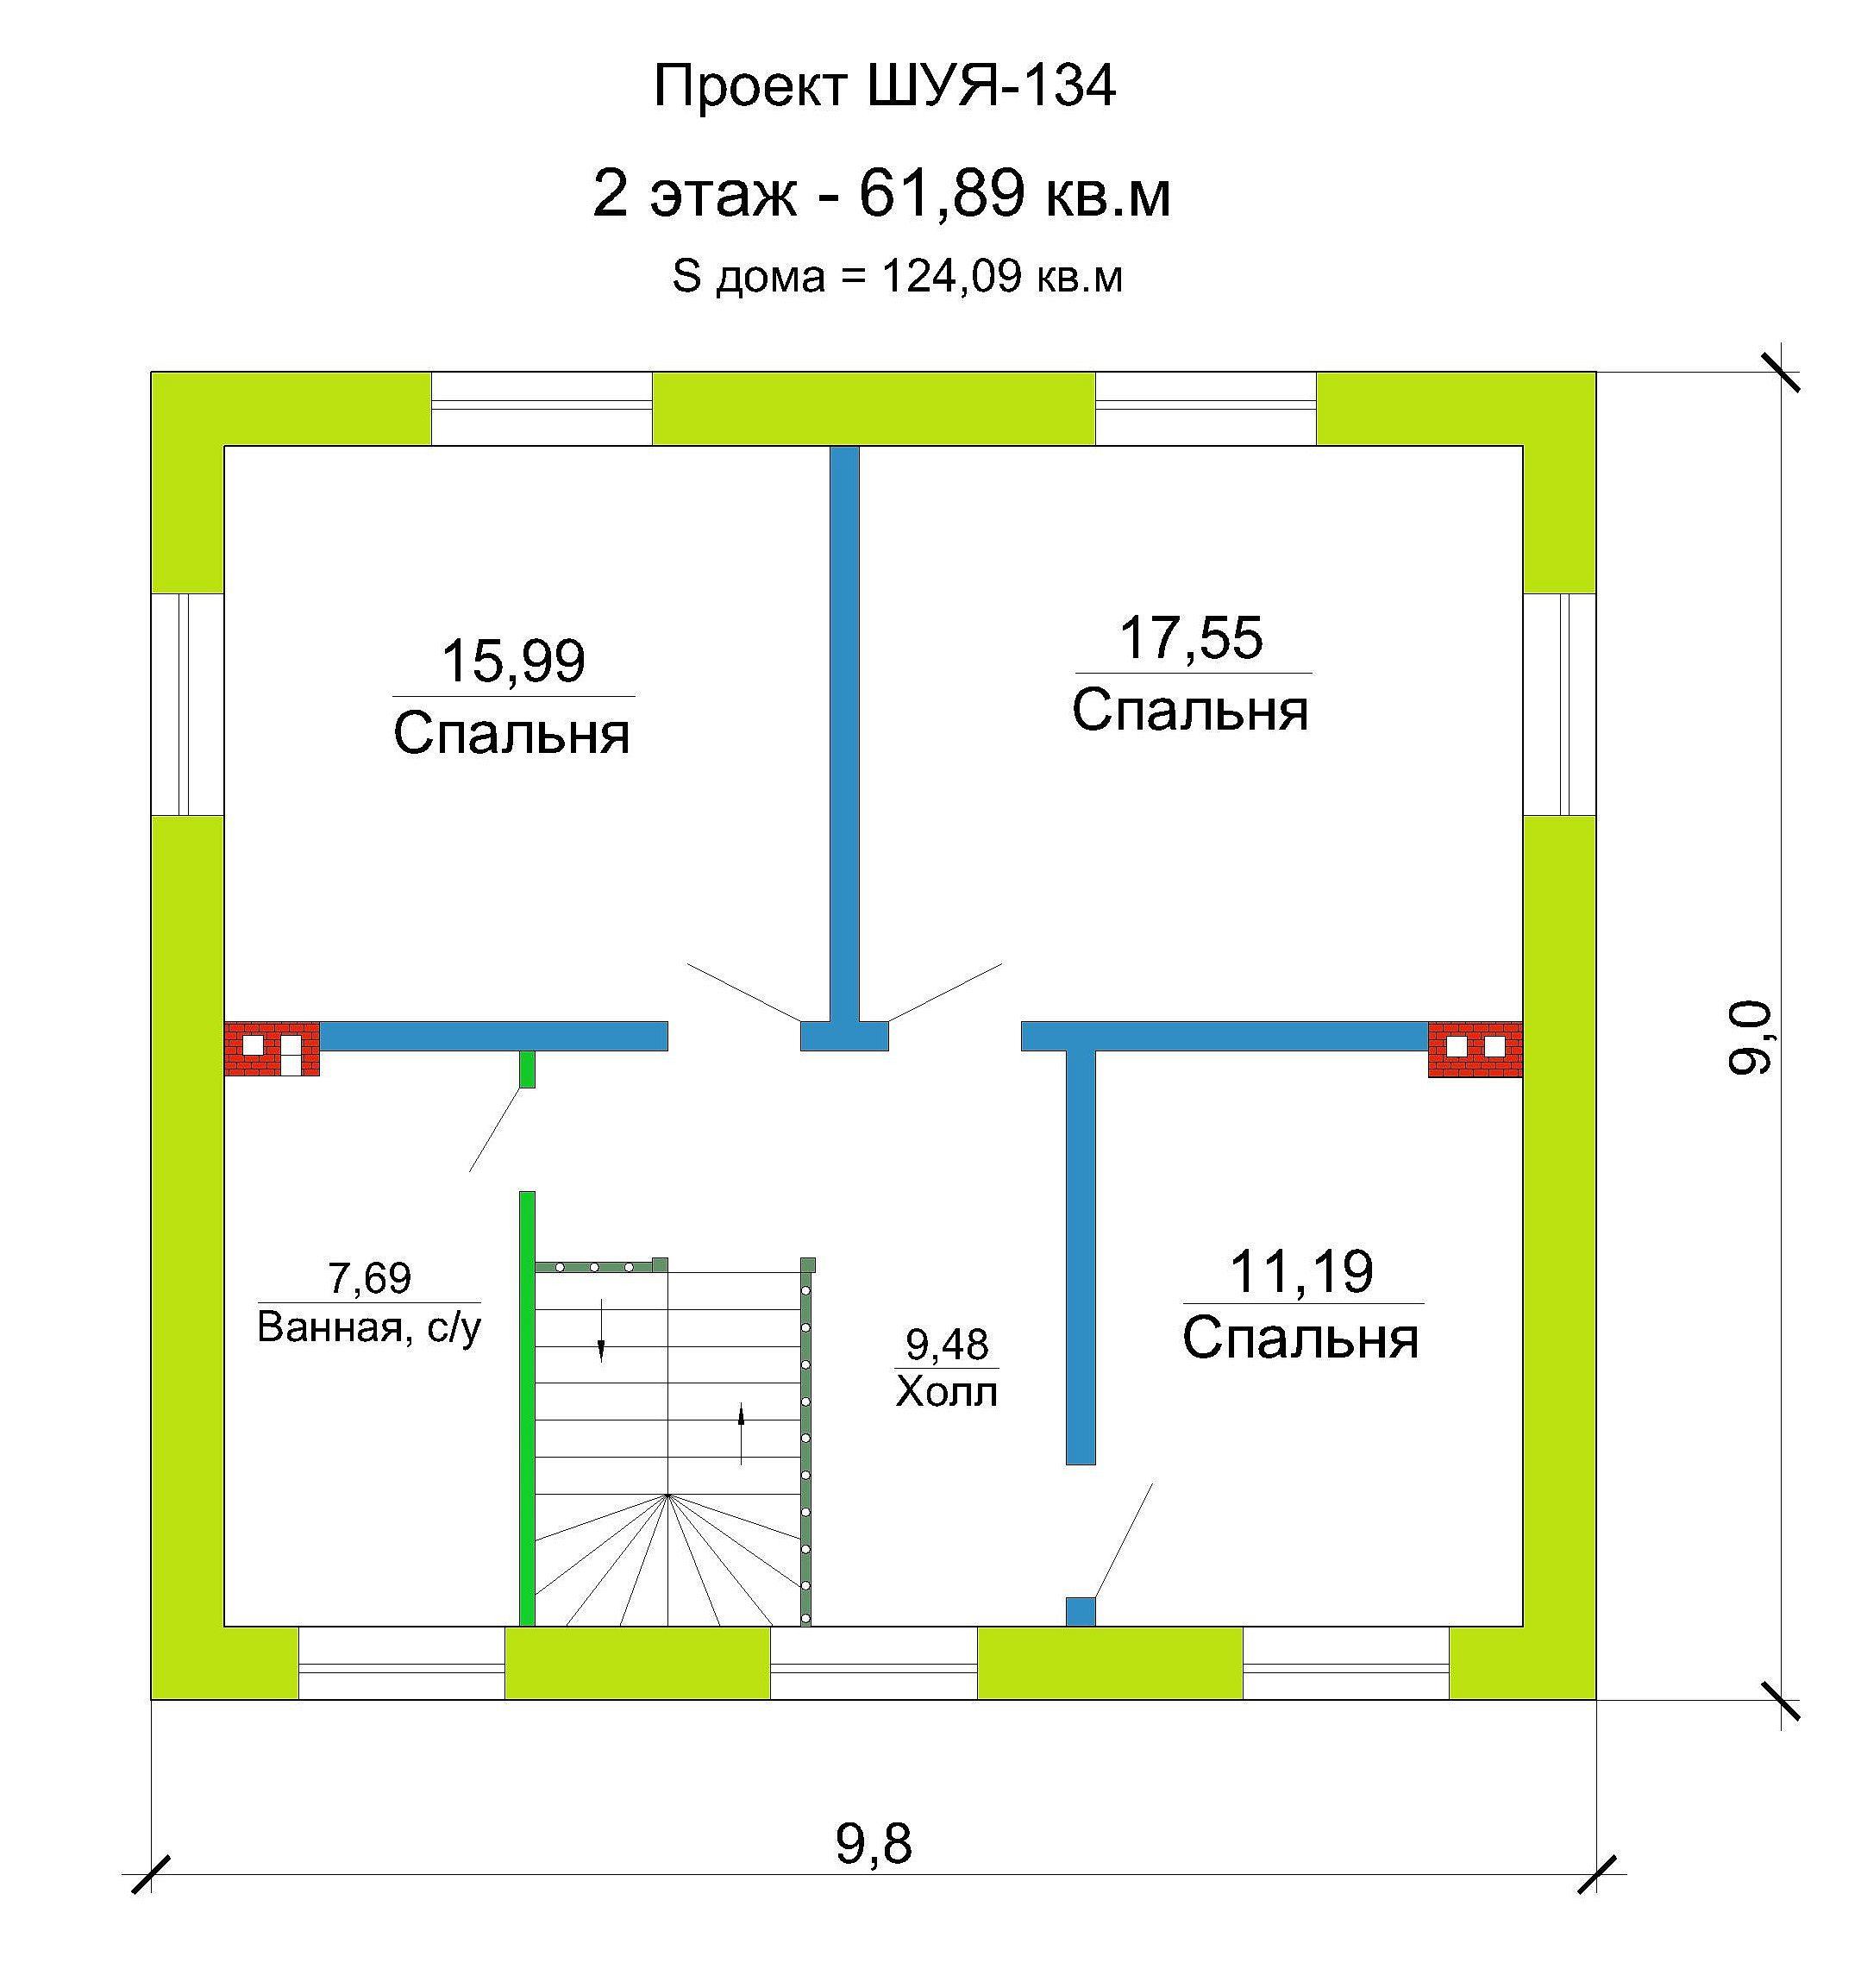 Проект дома 124 кв.м // Артикул ШУЯ-134 план